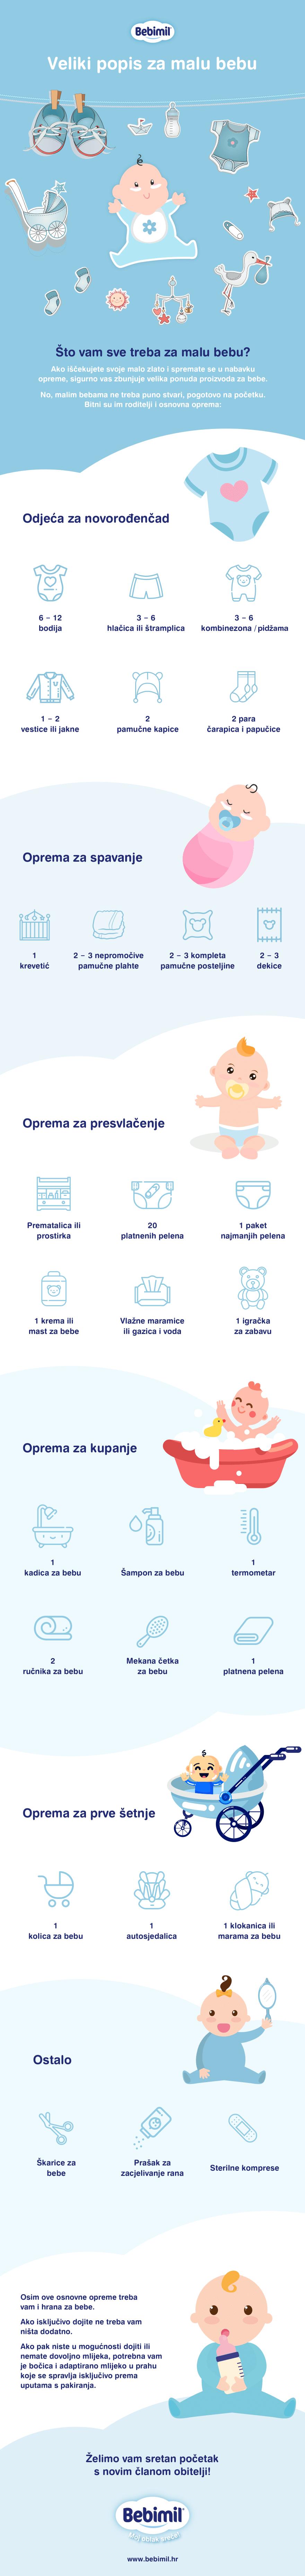 infografika bebimil veliki popis za malu bebu